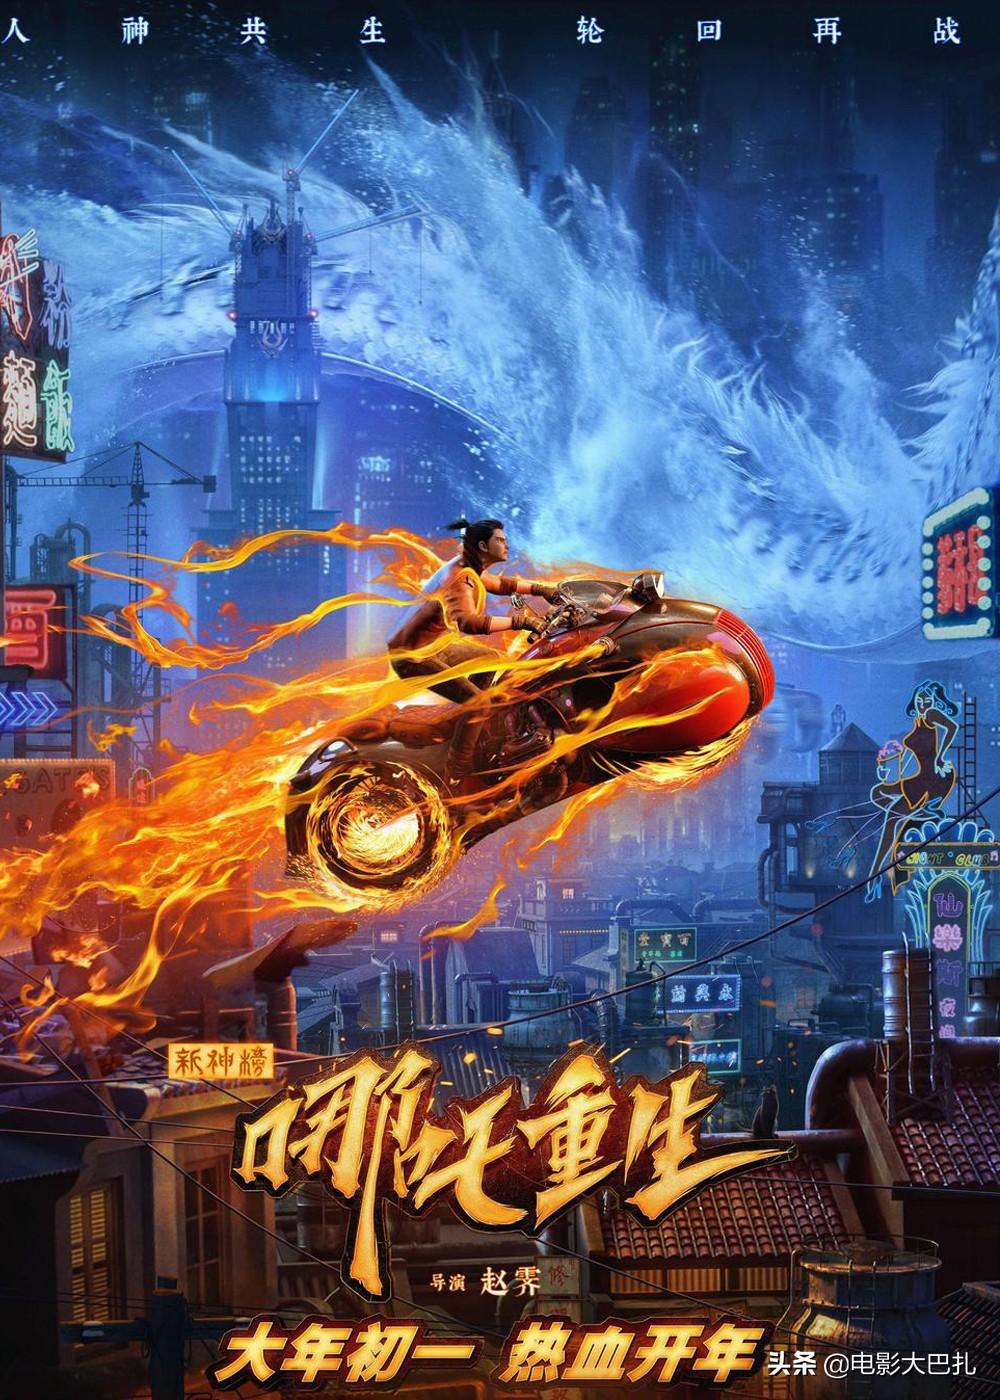 2021年春节档上映的几部电影,你最期待的是哪一部?